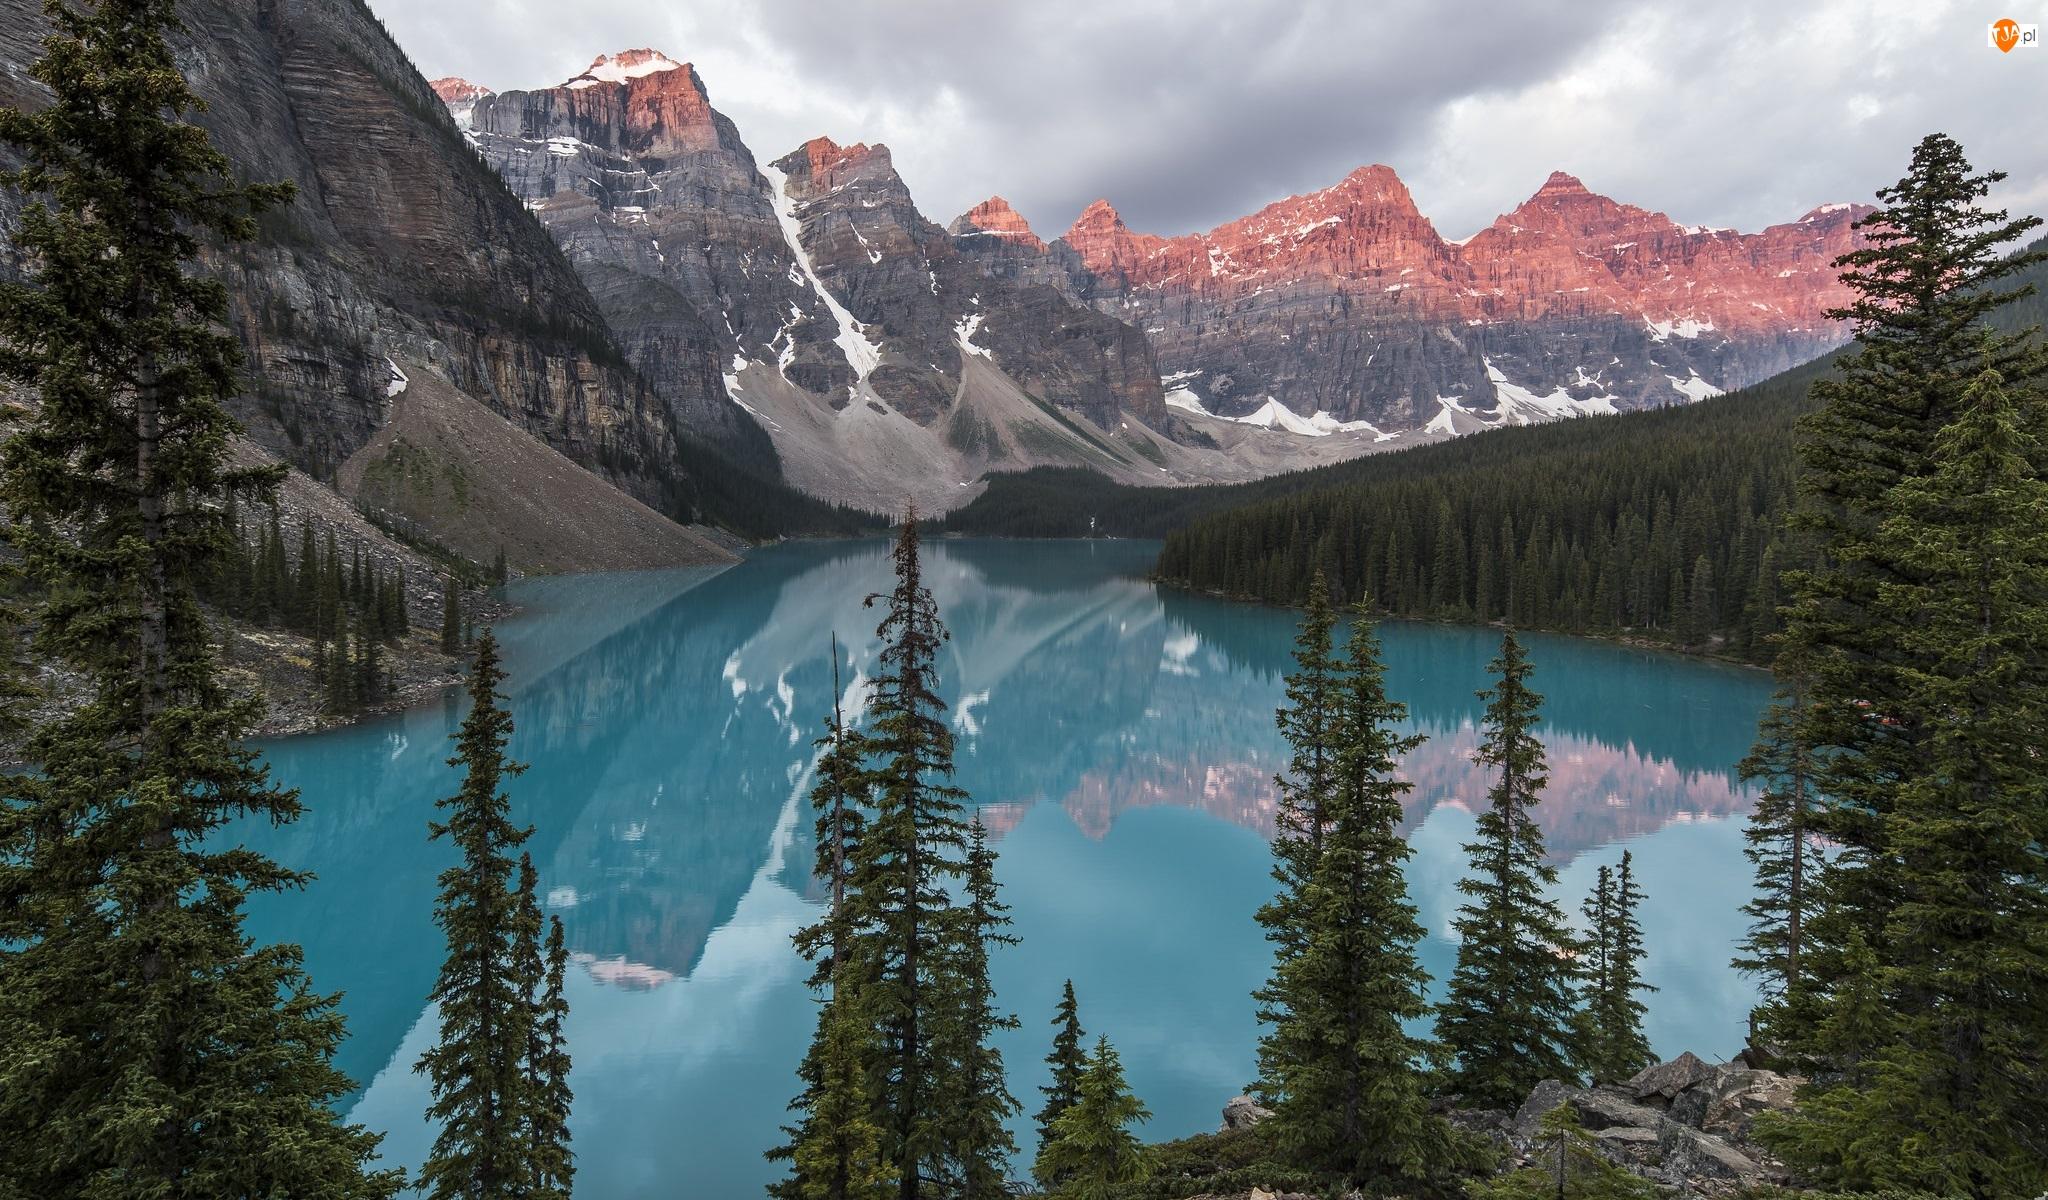 Kanada, Prowincja Alberta, Góry, Park Narodowy Banff, Świerki, Drzewa, Jezioro Moraine